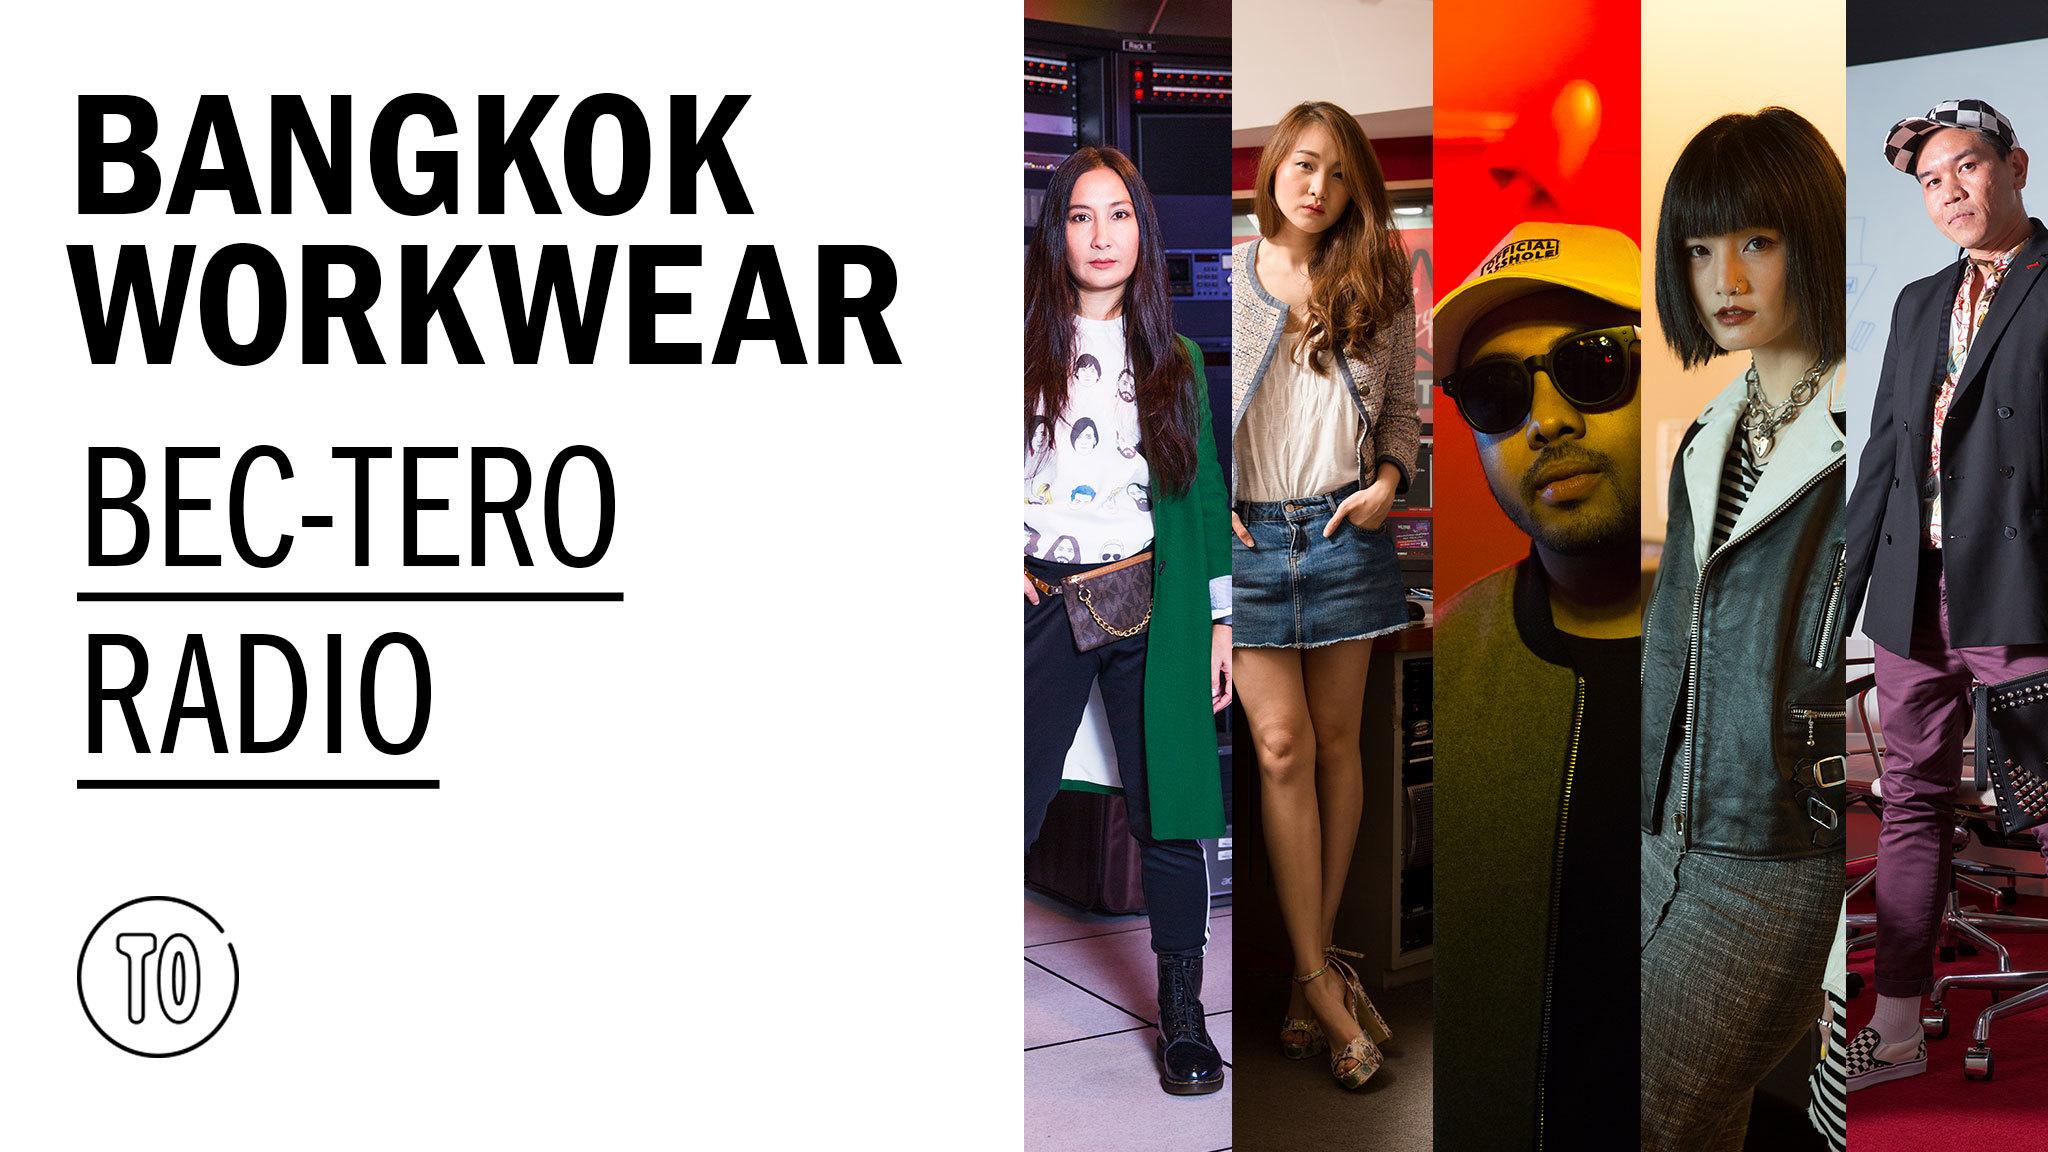 Bangkok Workwear: BEC-Tero Radio